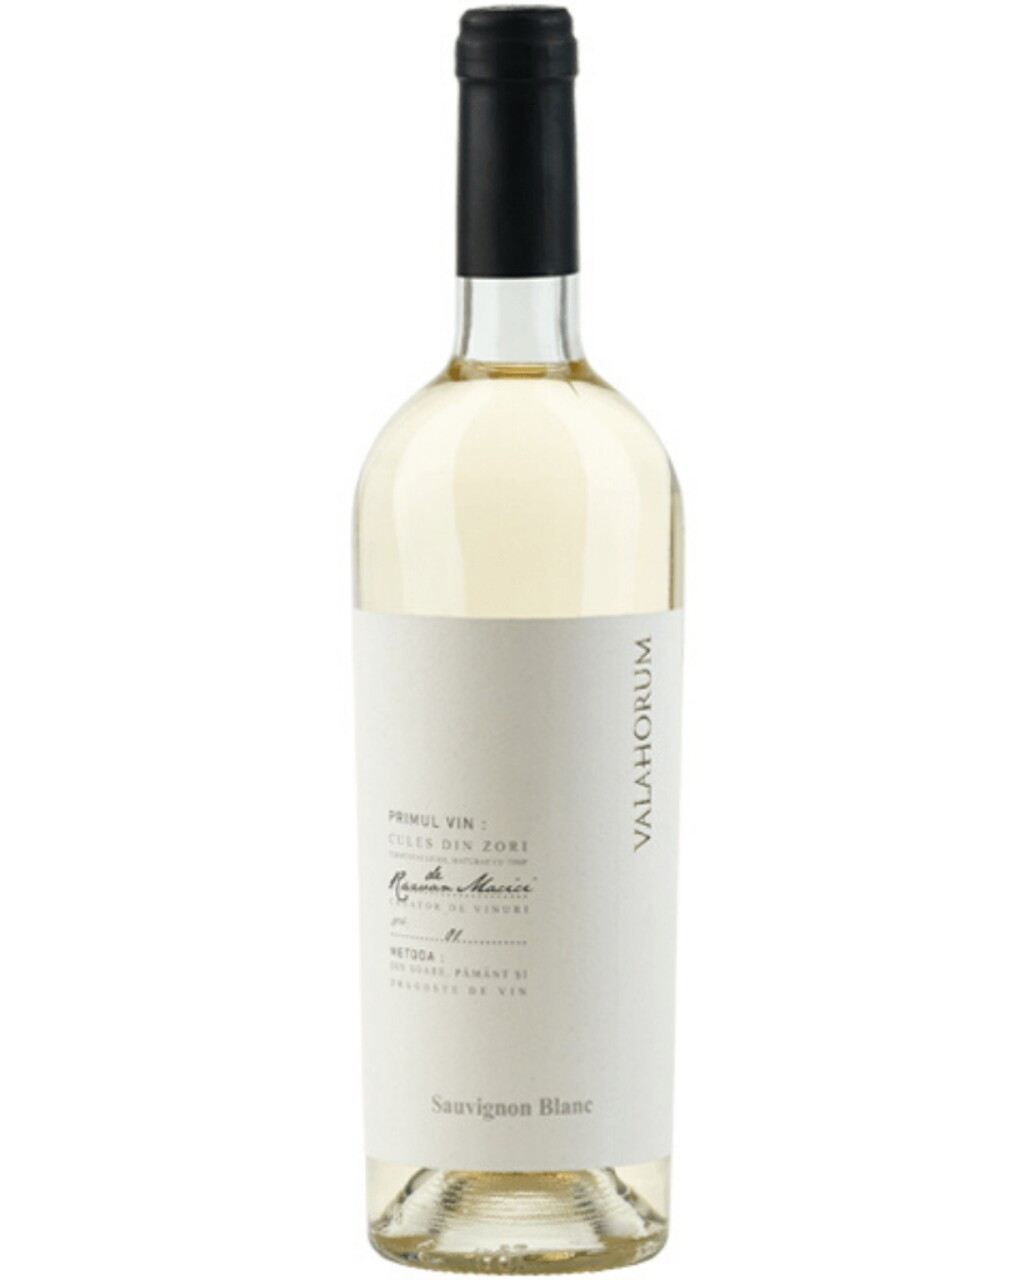 Valahorum Sauvignon Blanc